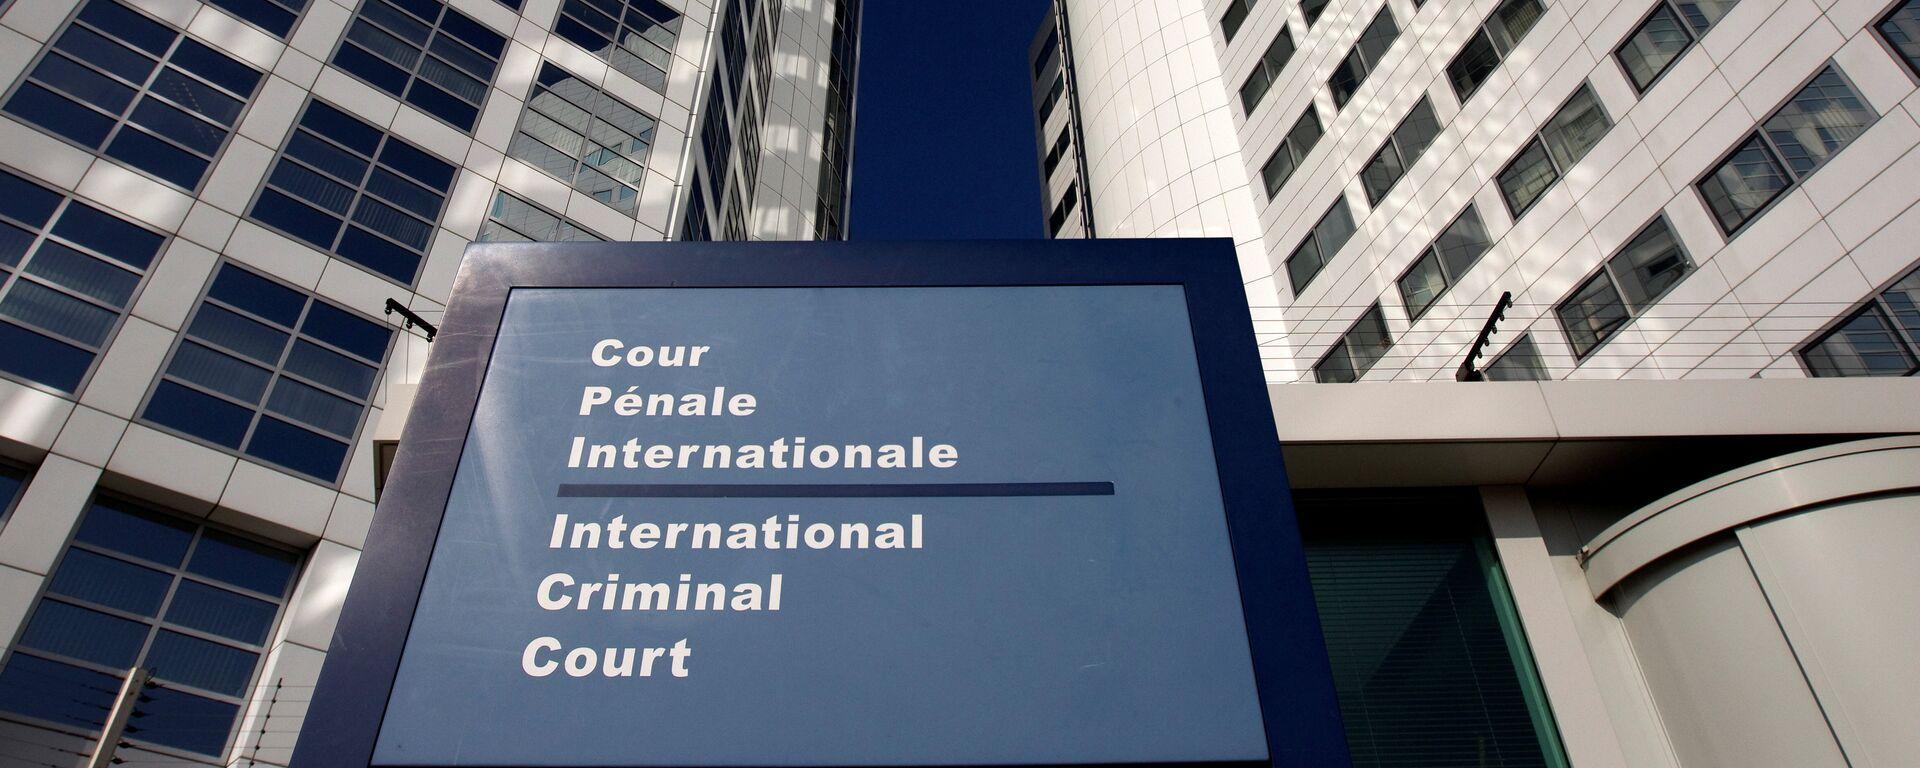 Corte Penal Internacional en la Haya - Sputnik Mundo, 1920, 16.06.2021